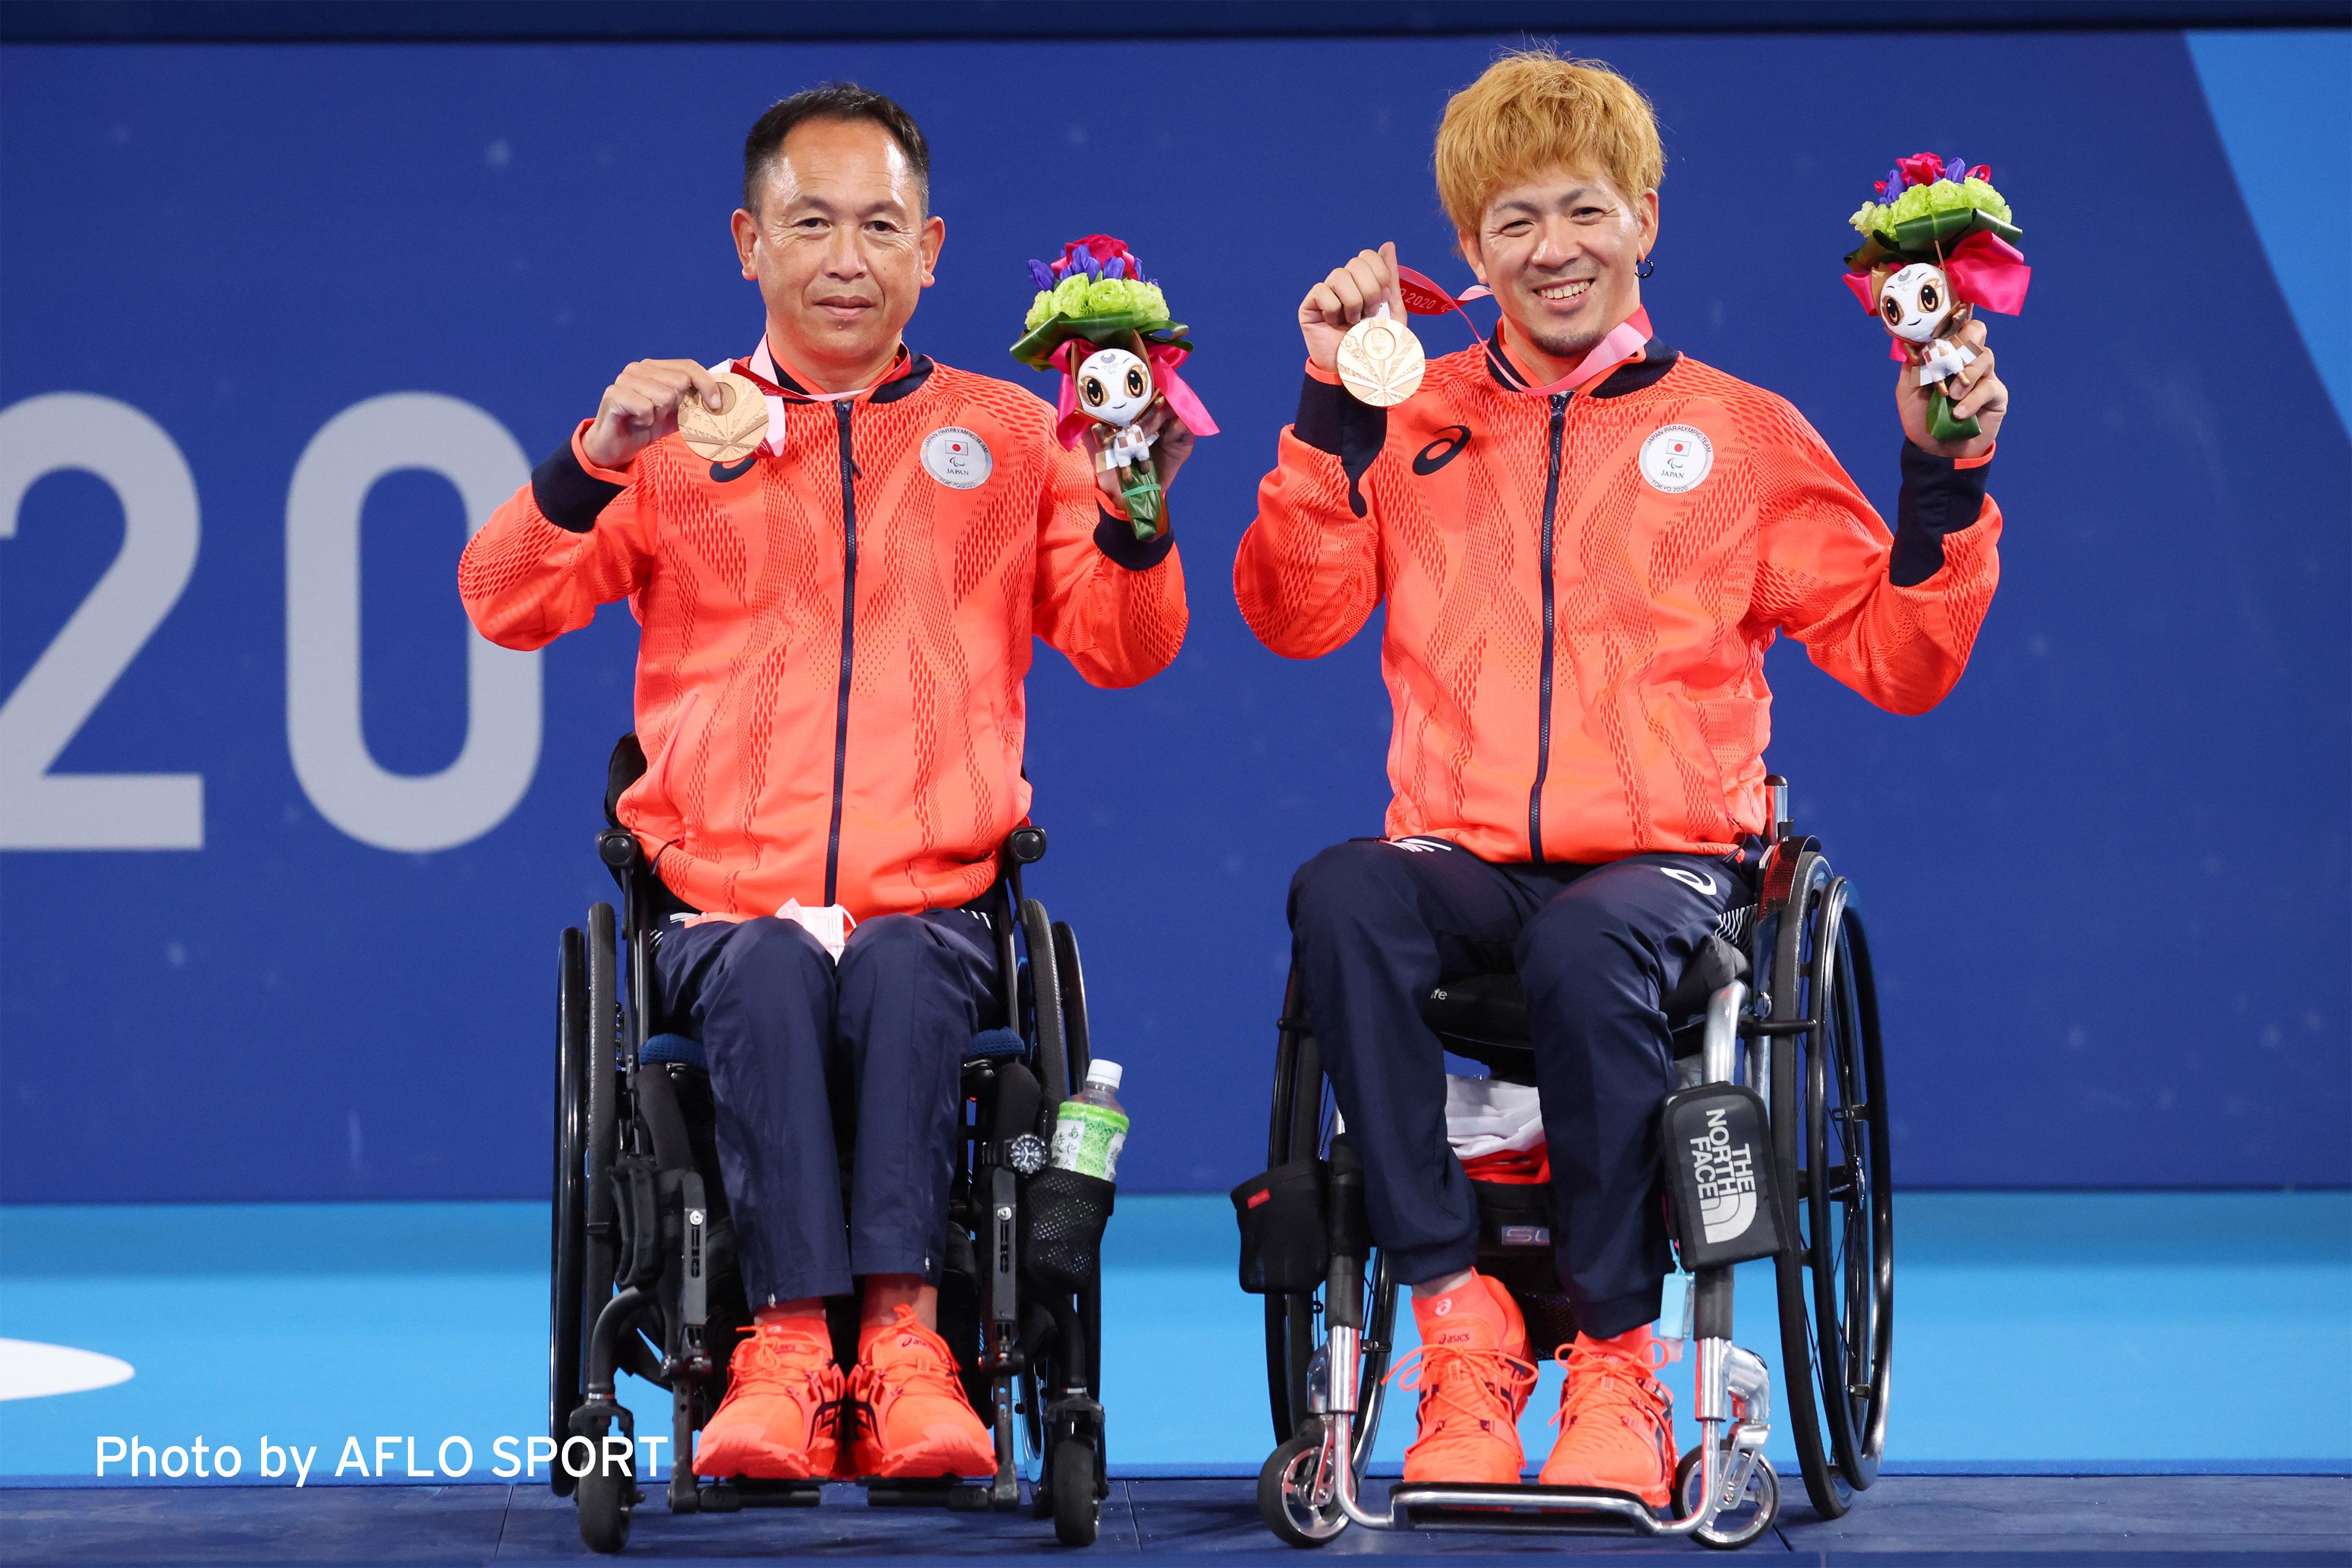 EY Japan所属 諸石光照選手の東京2020パラリンピック銅メダル獲得のお知らせ 日本(諸石光照選手、菅野浩二選手)